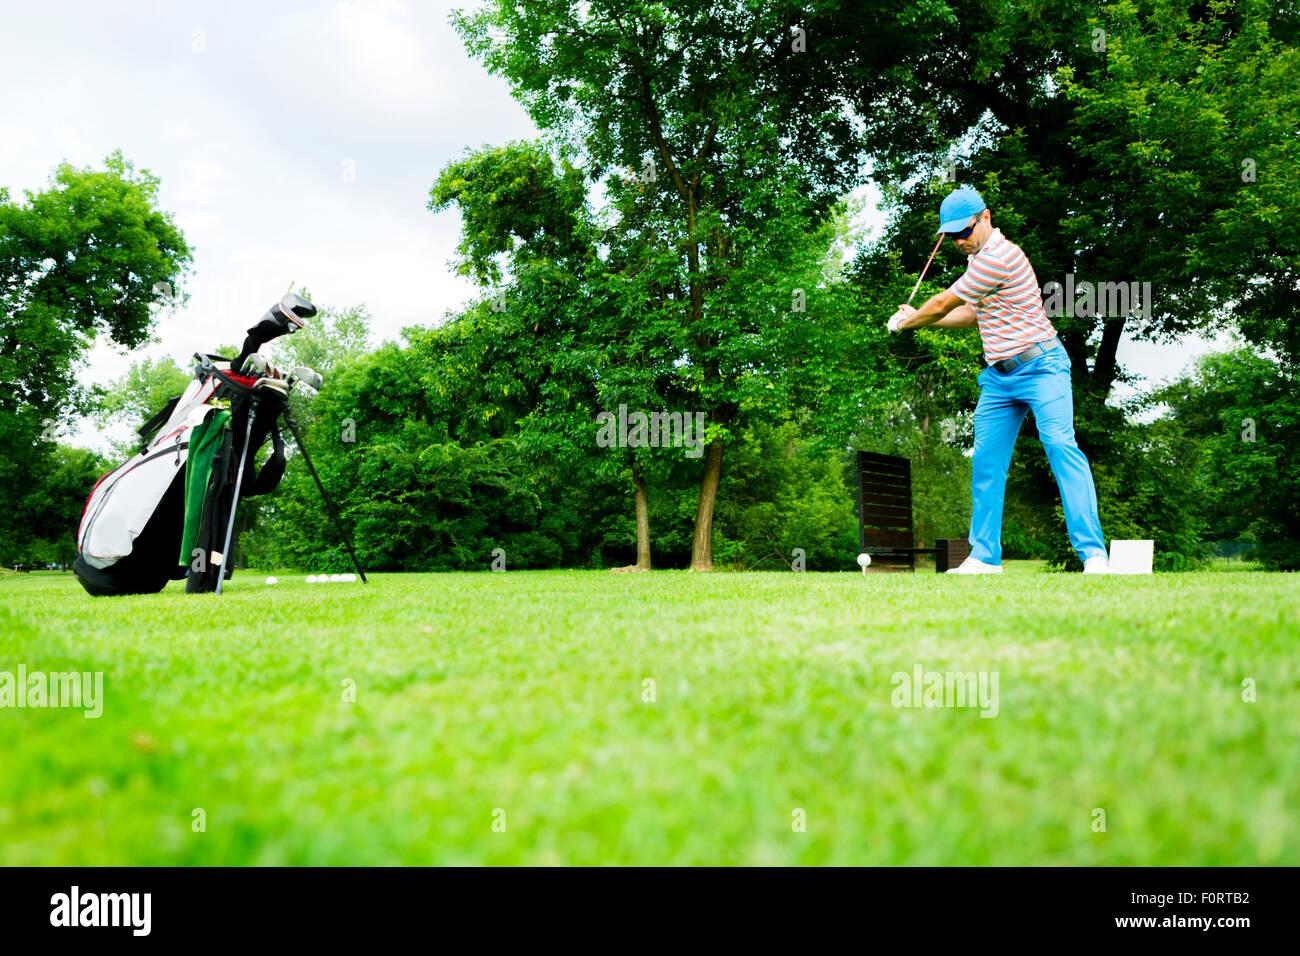 Golfeur vous préparez une première long shot Photo Stock